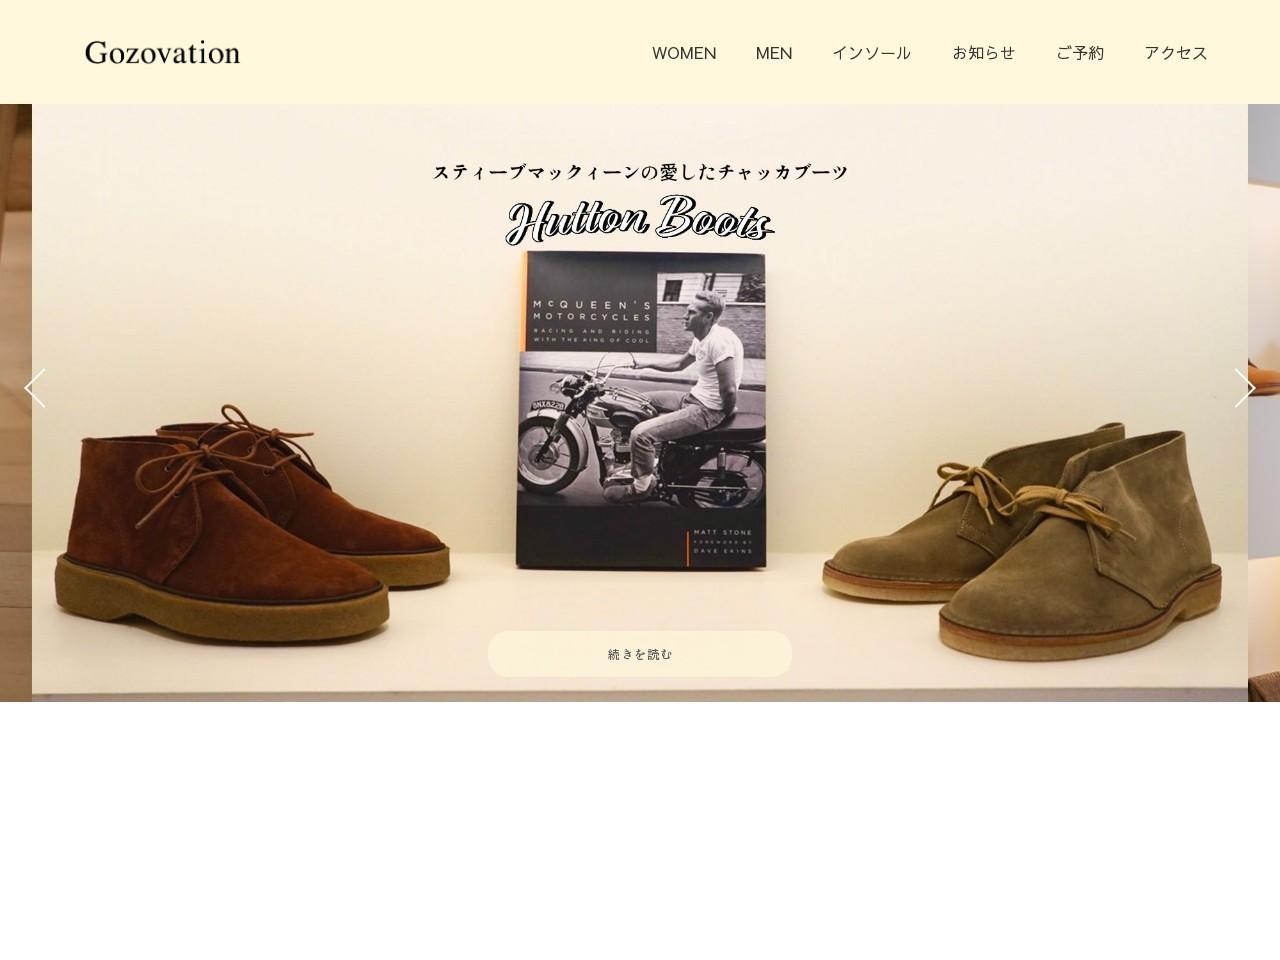 オーダーメイド靴・健康シューズなら東京・八王子のGozovationへ